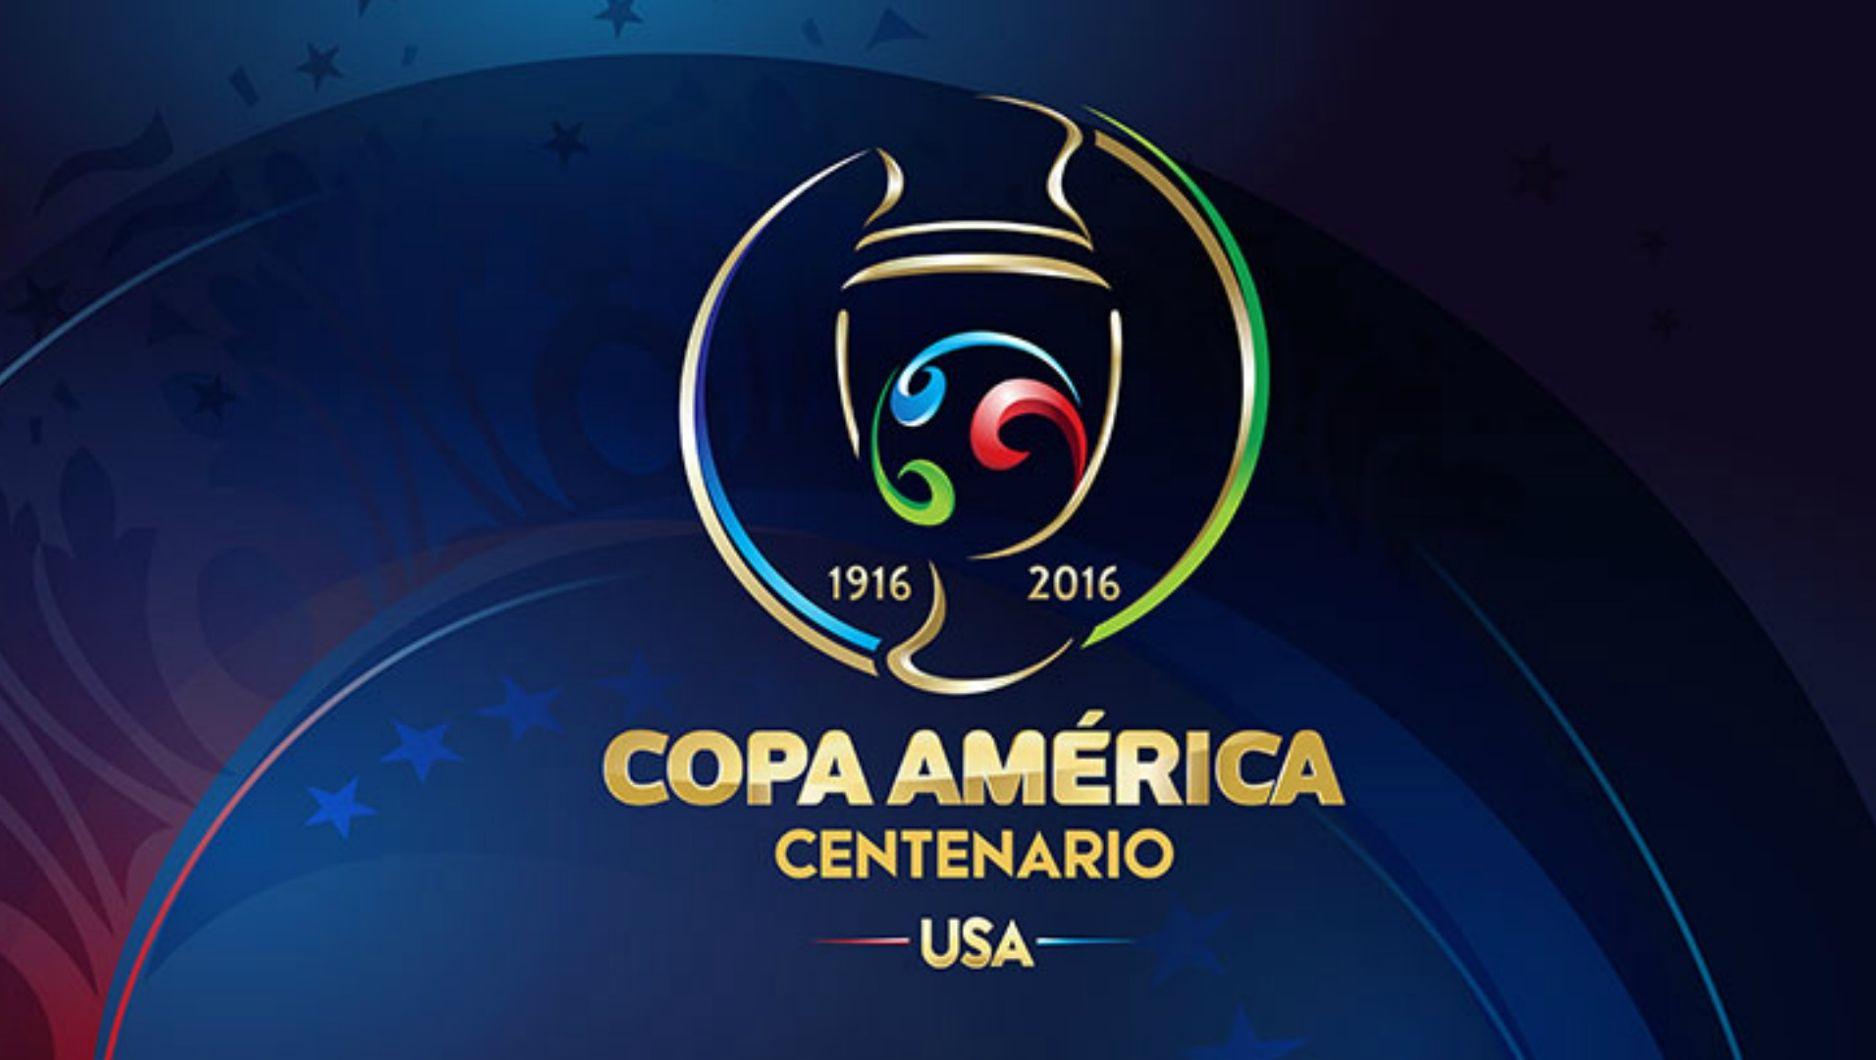 El torneo espera por dos selecciones faltantes para completar los equipos representantes de la Concacaf que se unirán a las 10 selecciones de Conmebol